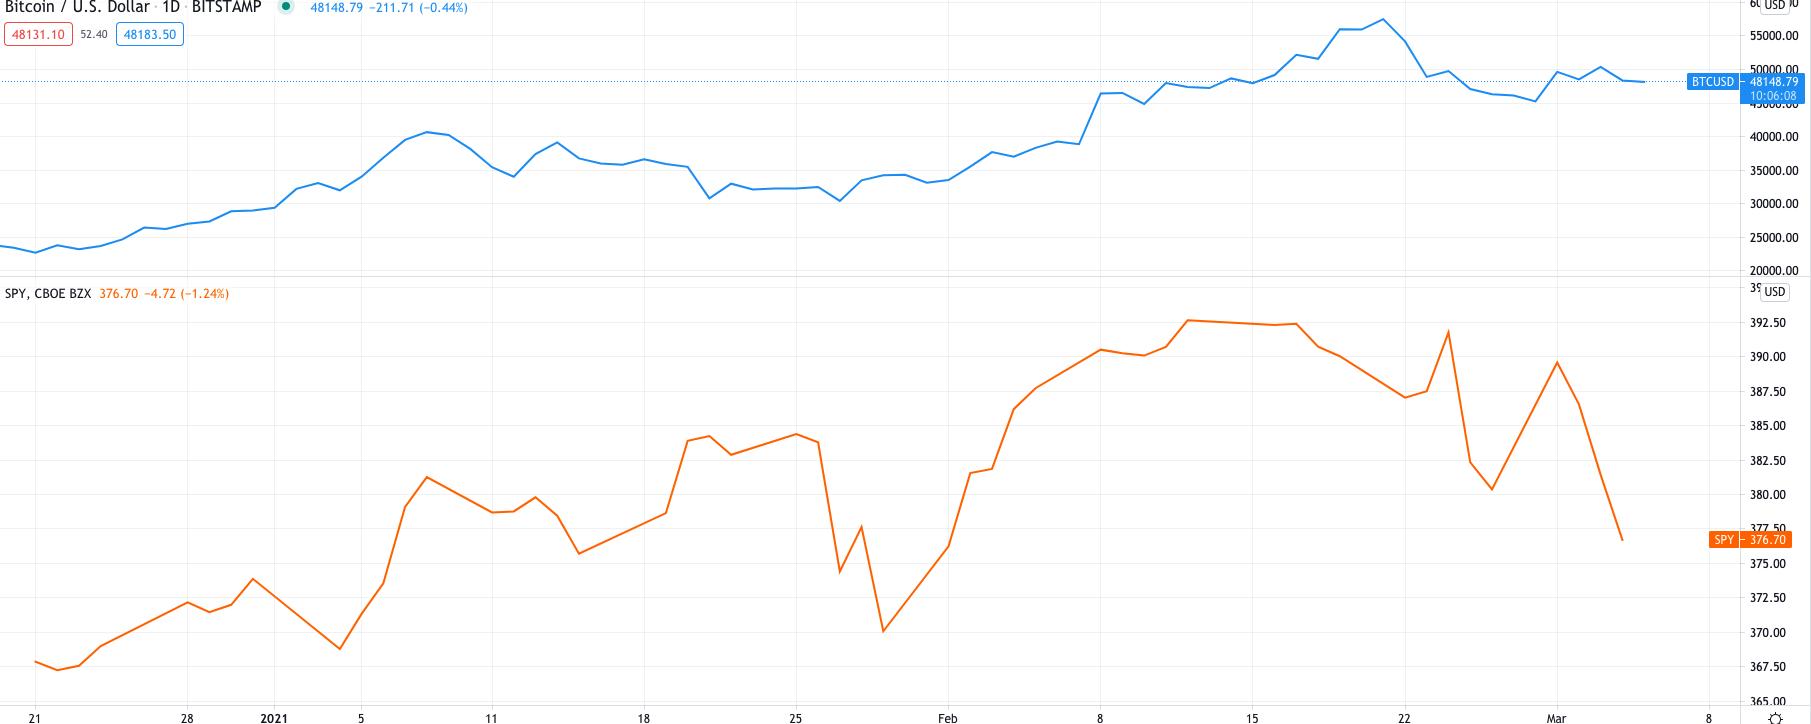 随着美元触及4个月高点,股市下滑:比特币价格为何跌破5万美元